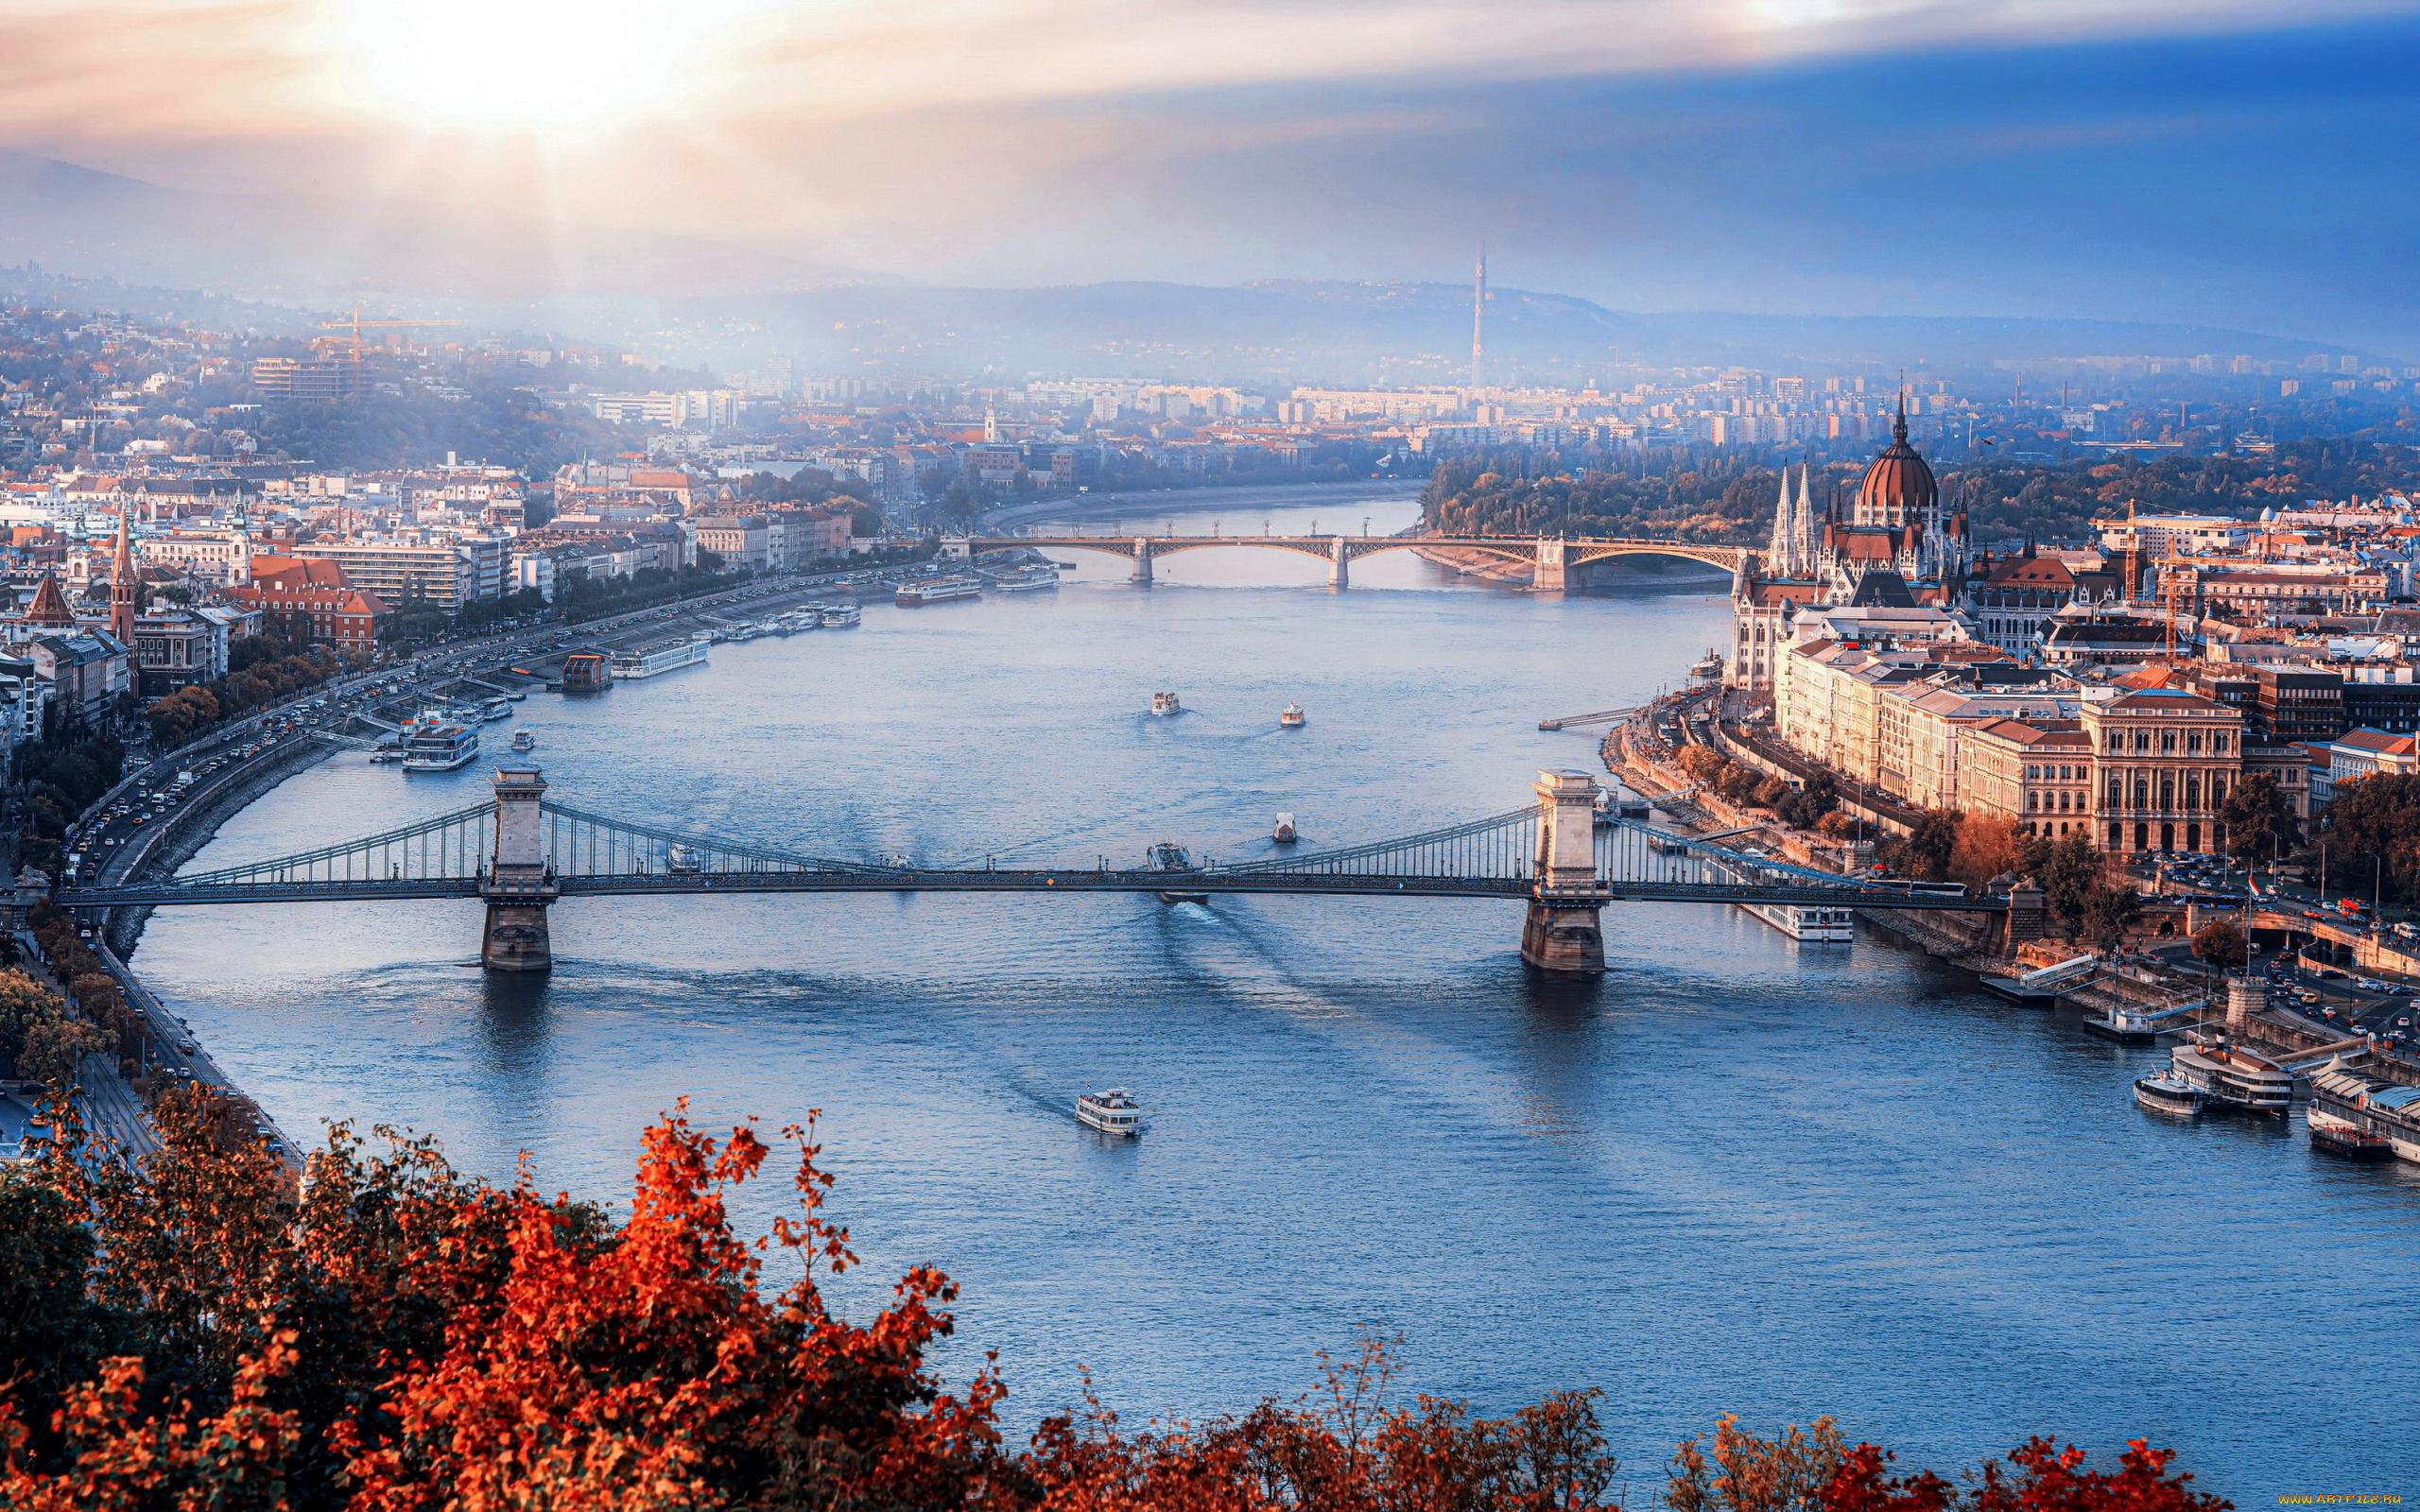 Скачать обои города, будапешт, , венгрия, панорама, река, мосты из раздела  Города, в разрешении 2560x1600